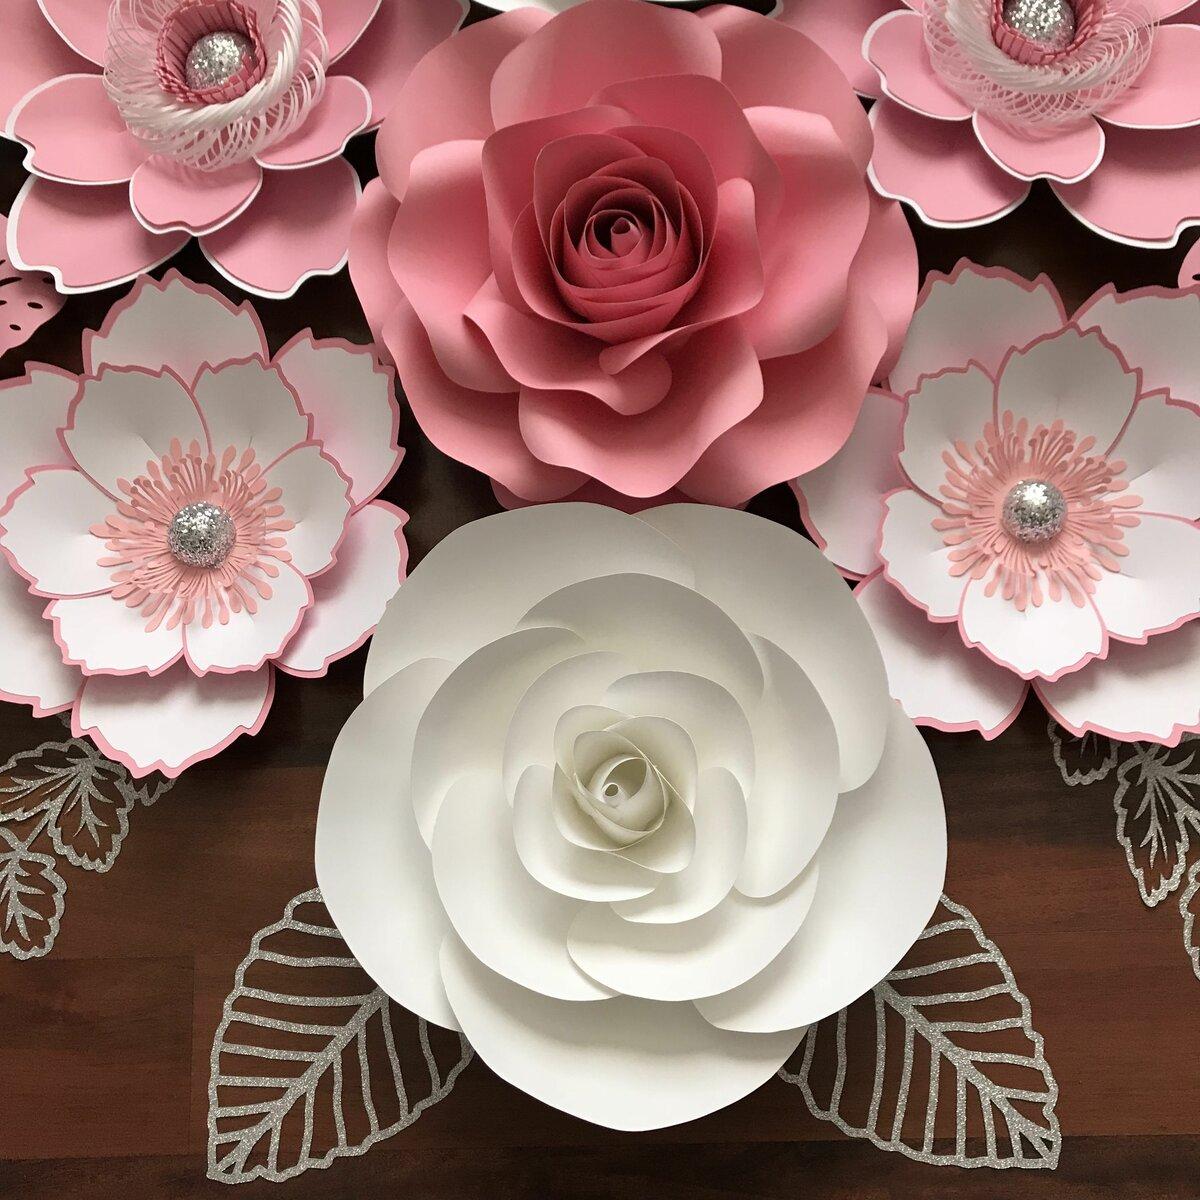 Сделанные цветочки картинки